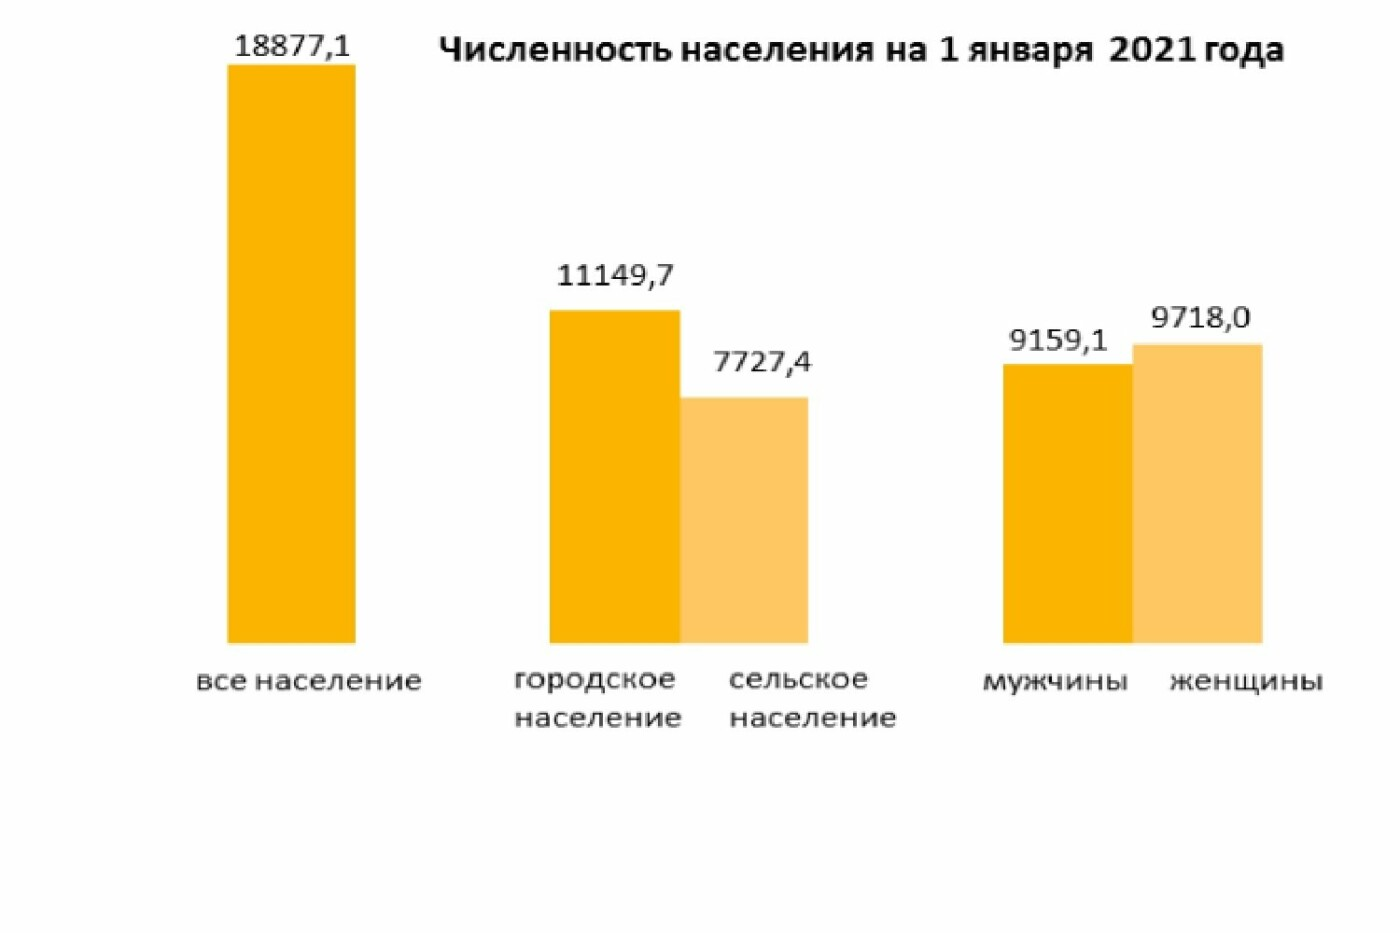 Численность население на 1 февраля 2021 года, фото Бюро национальной статистики Агентства по стратегическому планированию и реформам